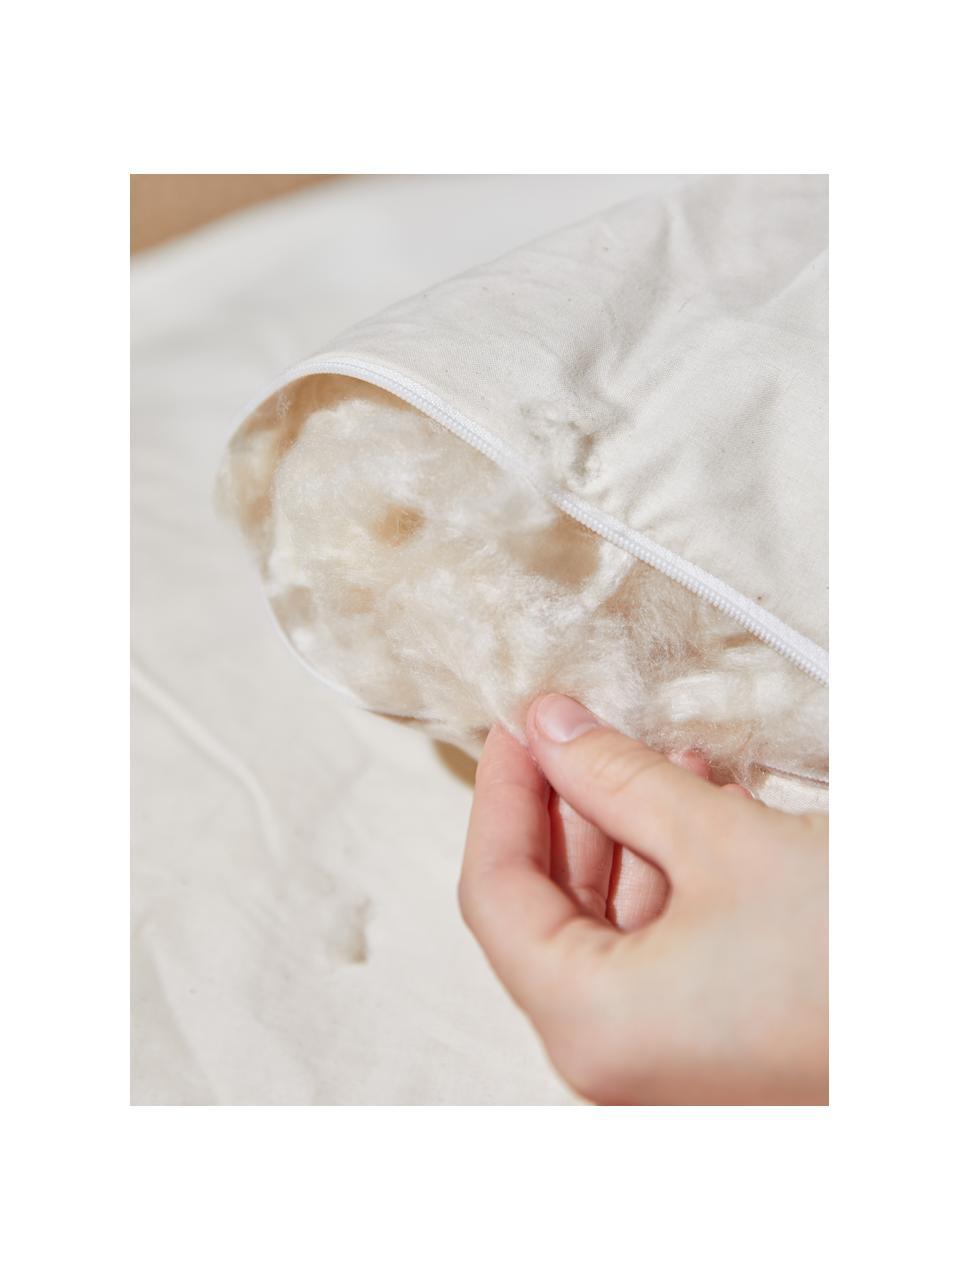 Veganes Kopfkissen Comfort mit Kapokfaser und Baumwolle, weich, Bezug: 100% Baumwolle, Weiß, 40 x 80 cm